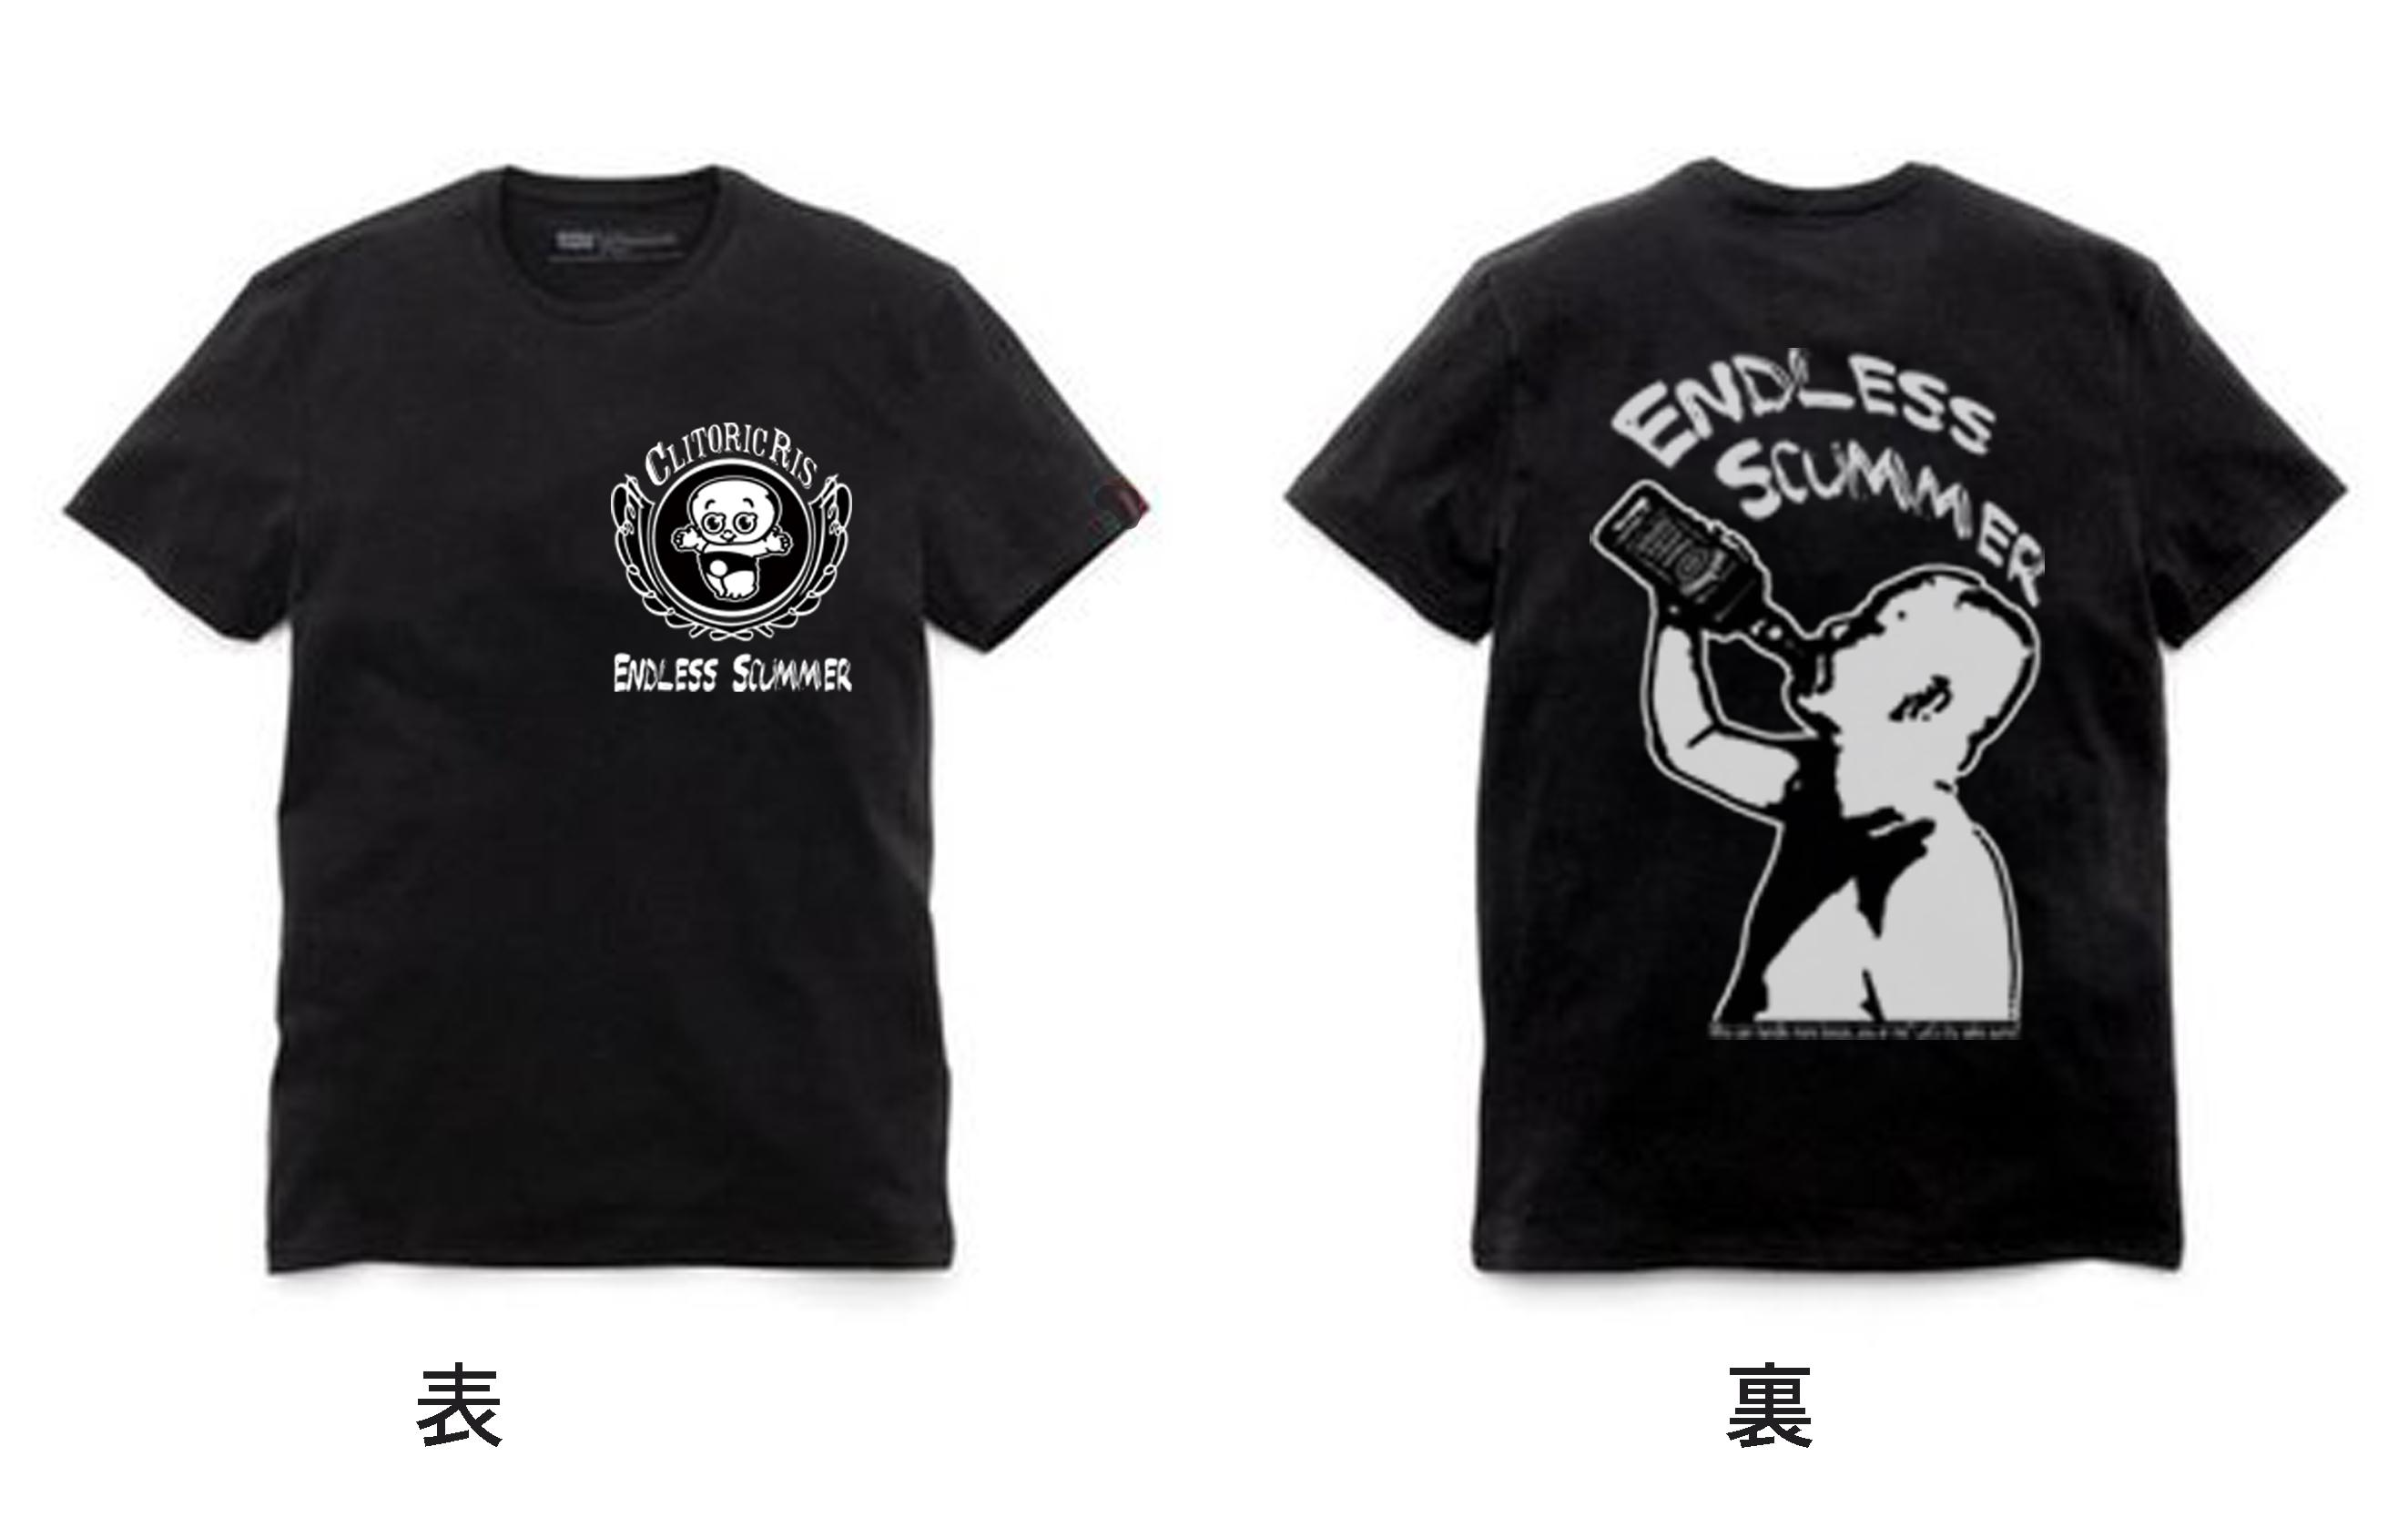 エンドレススカマーTシャツ.jpg